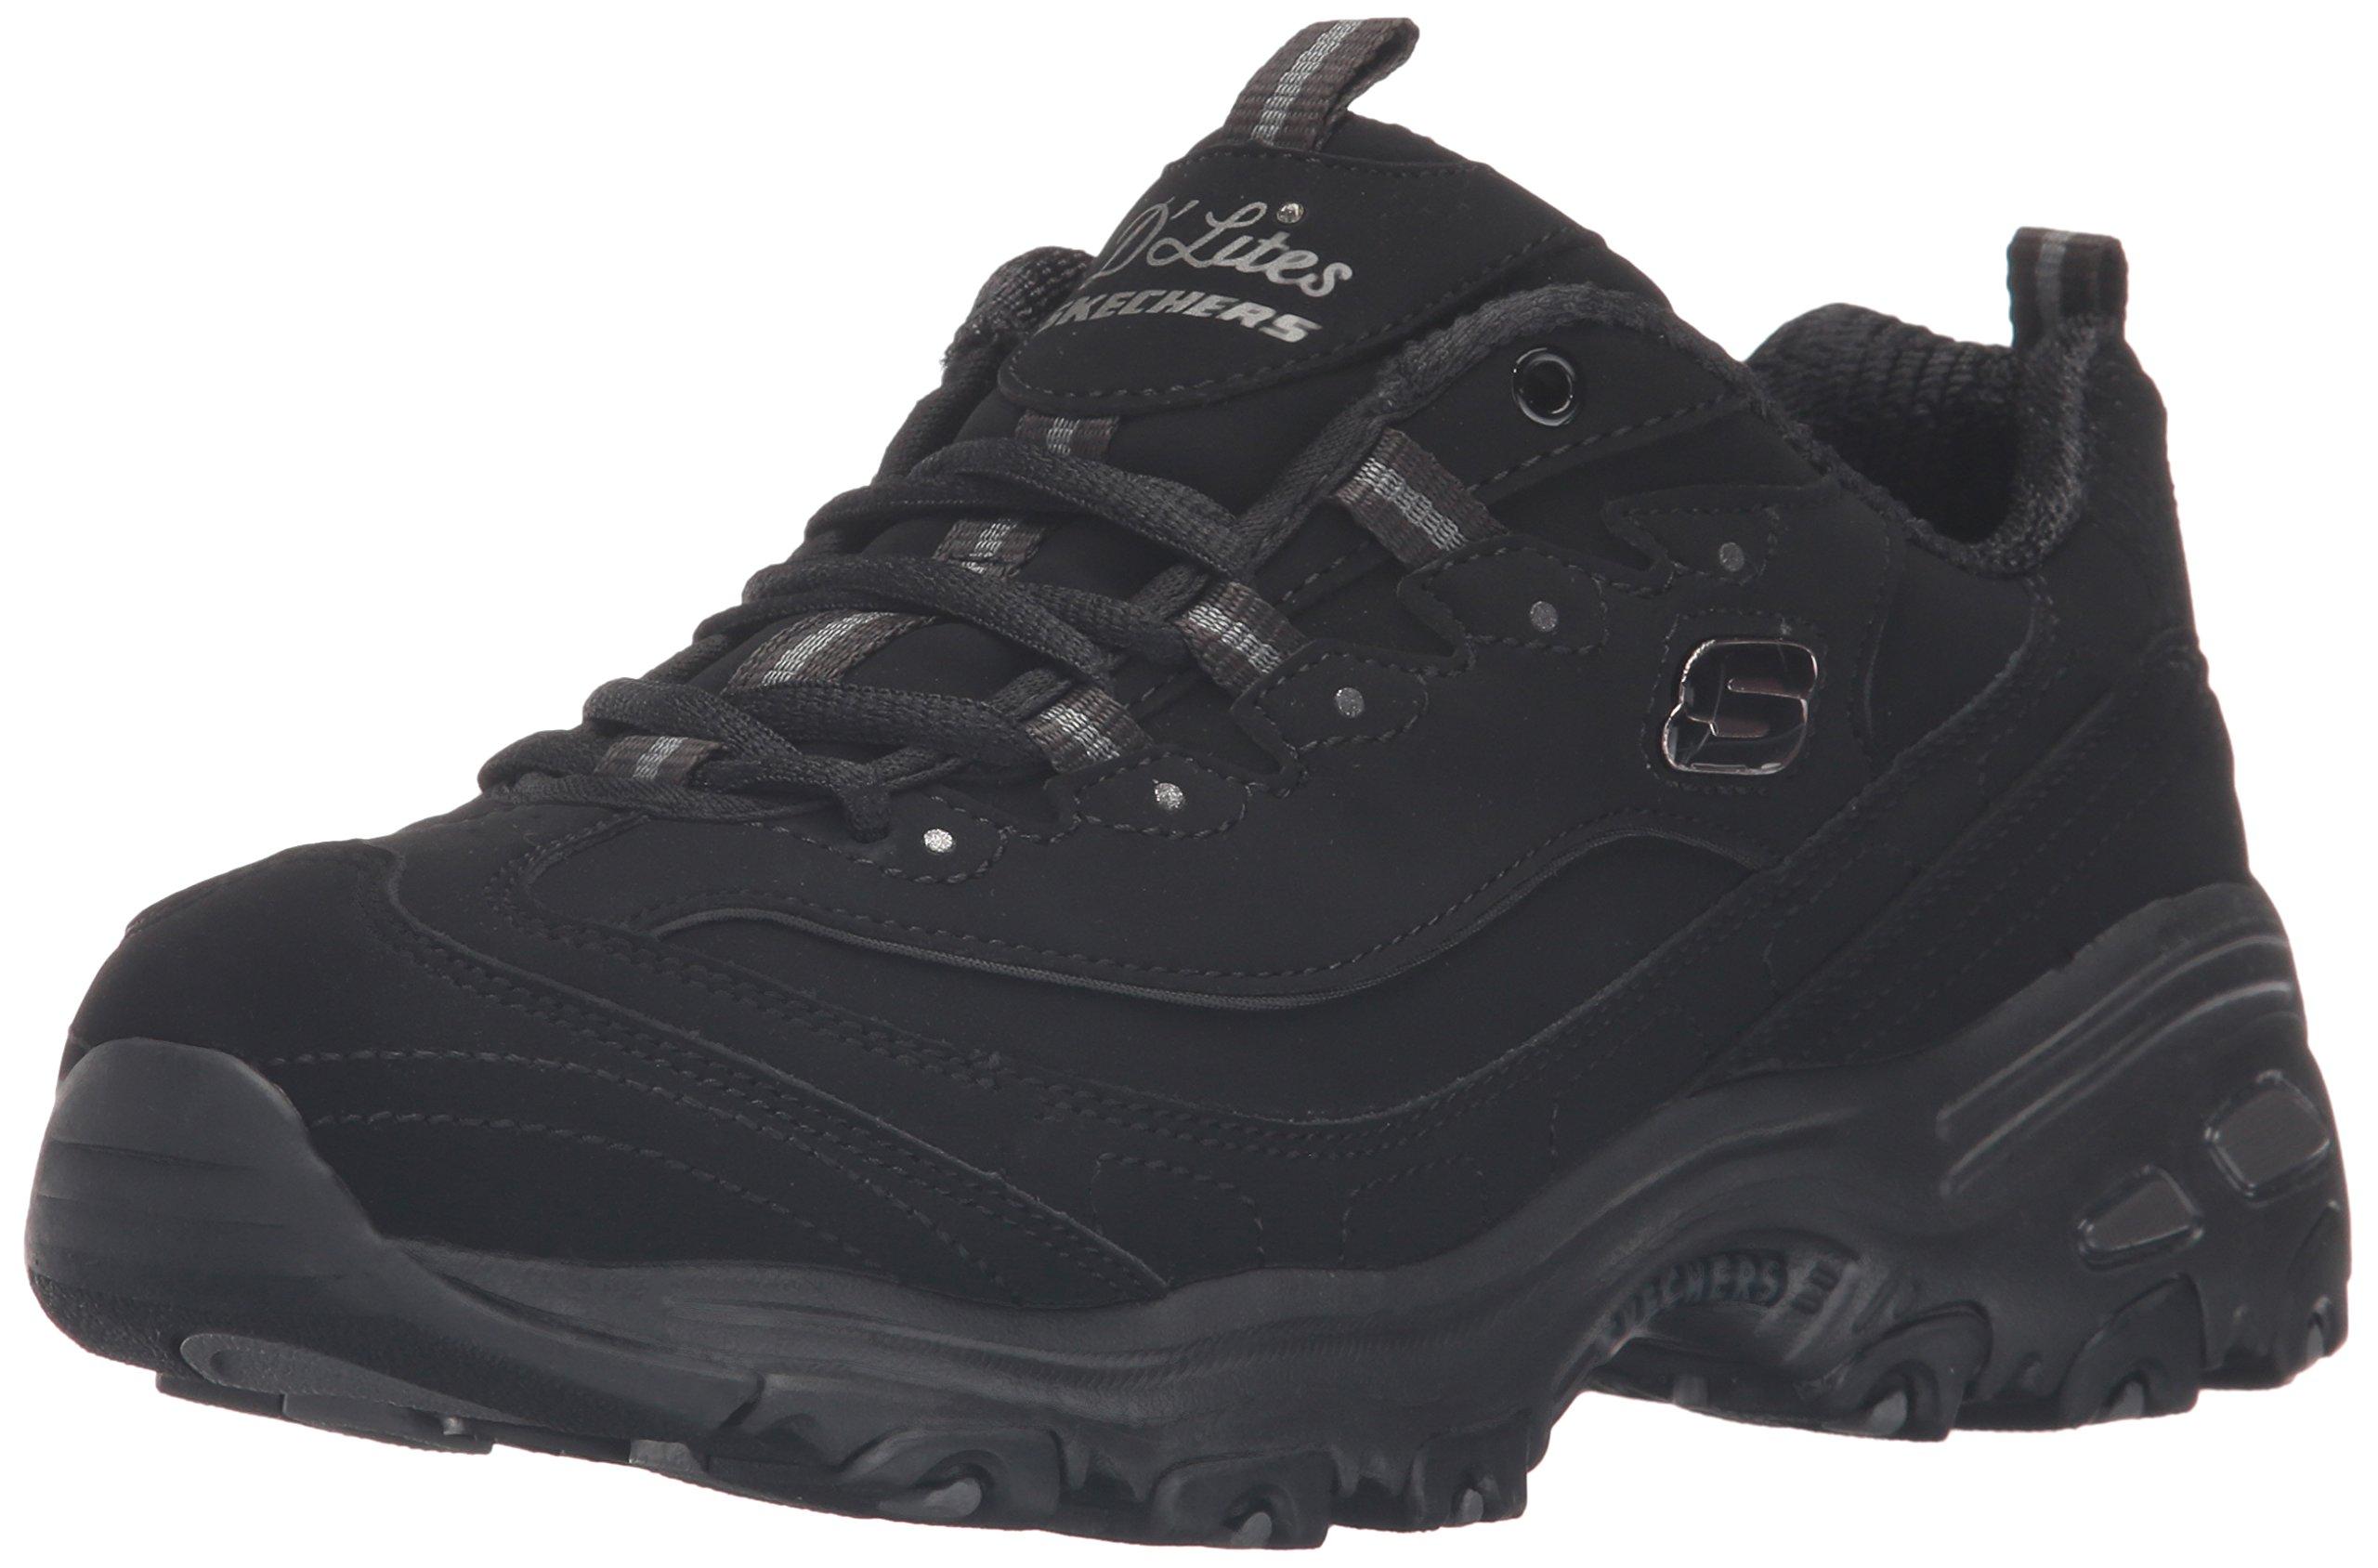 Skechers Sport Women's D'Lites Memory Foam Lace-up Sneaker,Black/Black,10 M US